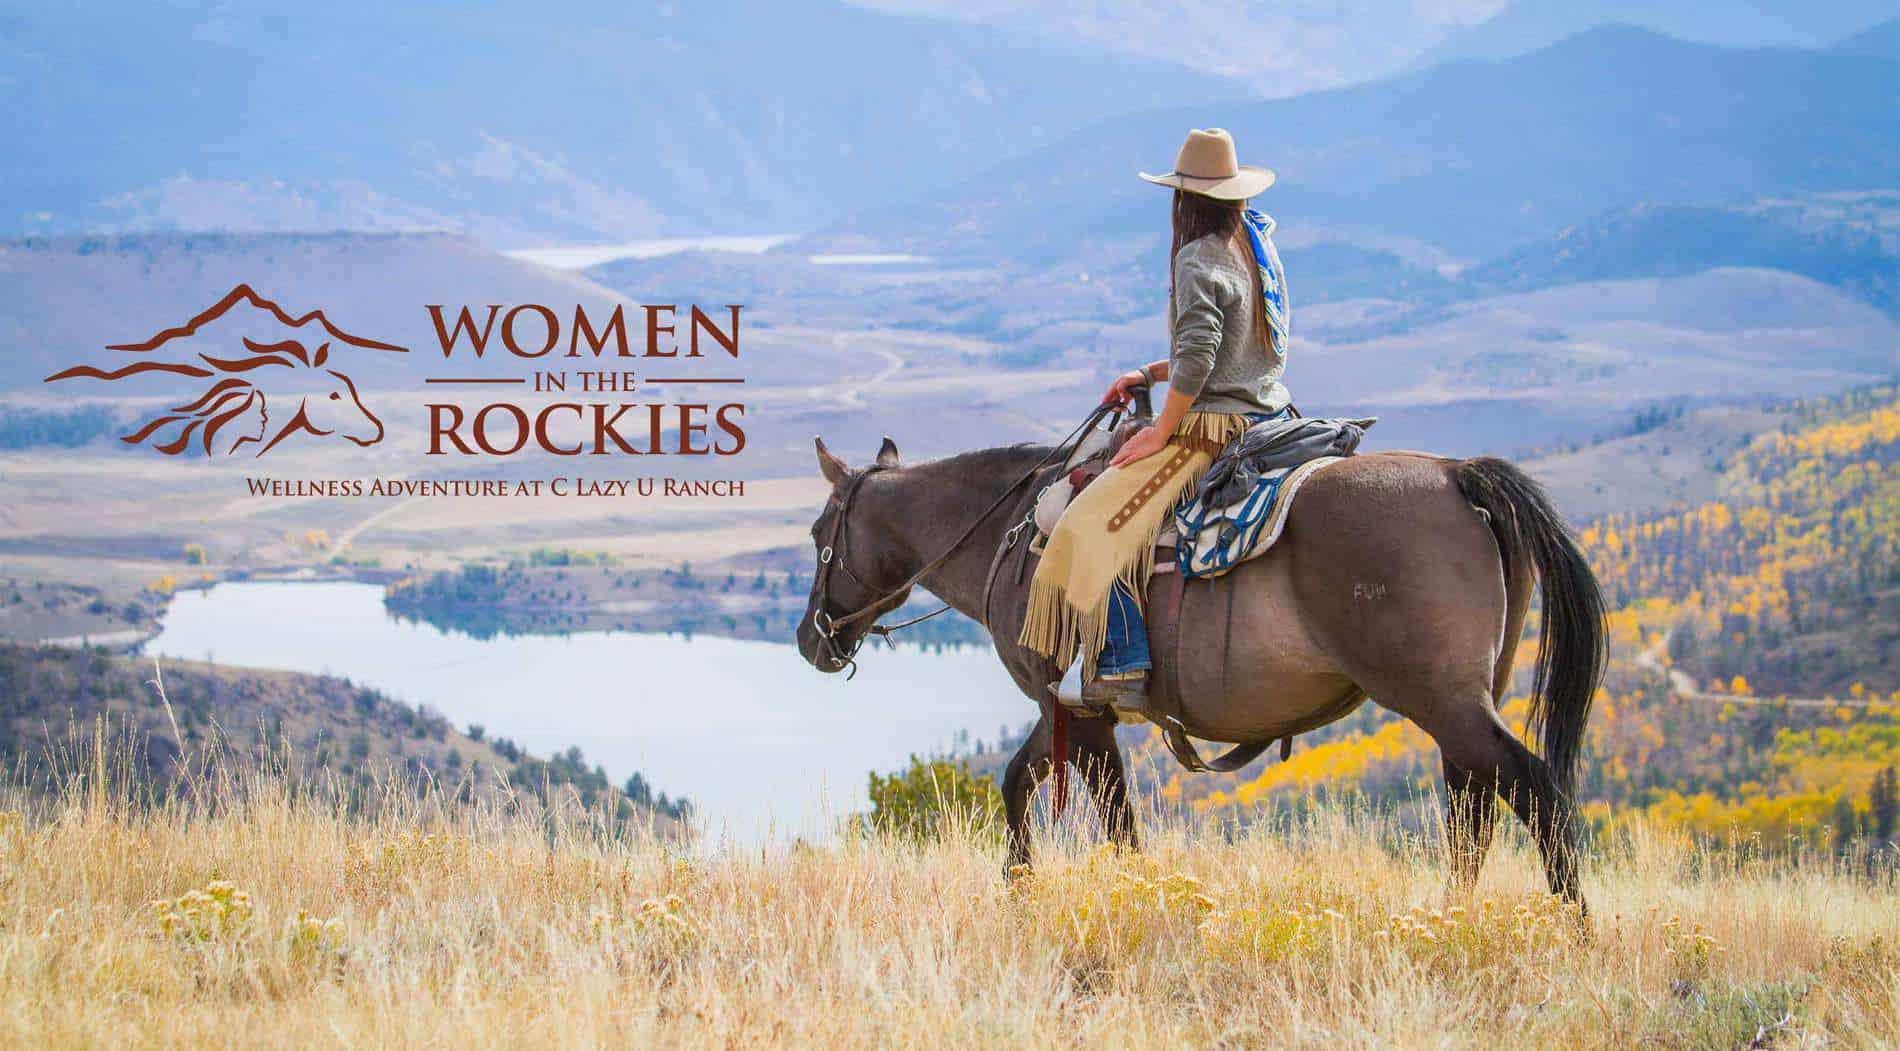 women in the rockies wellness adventure